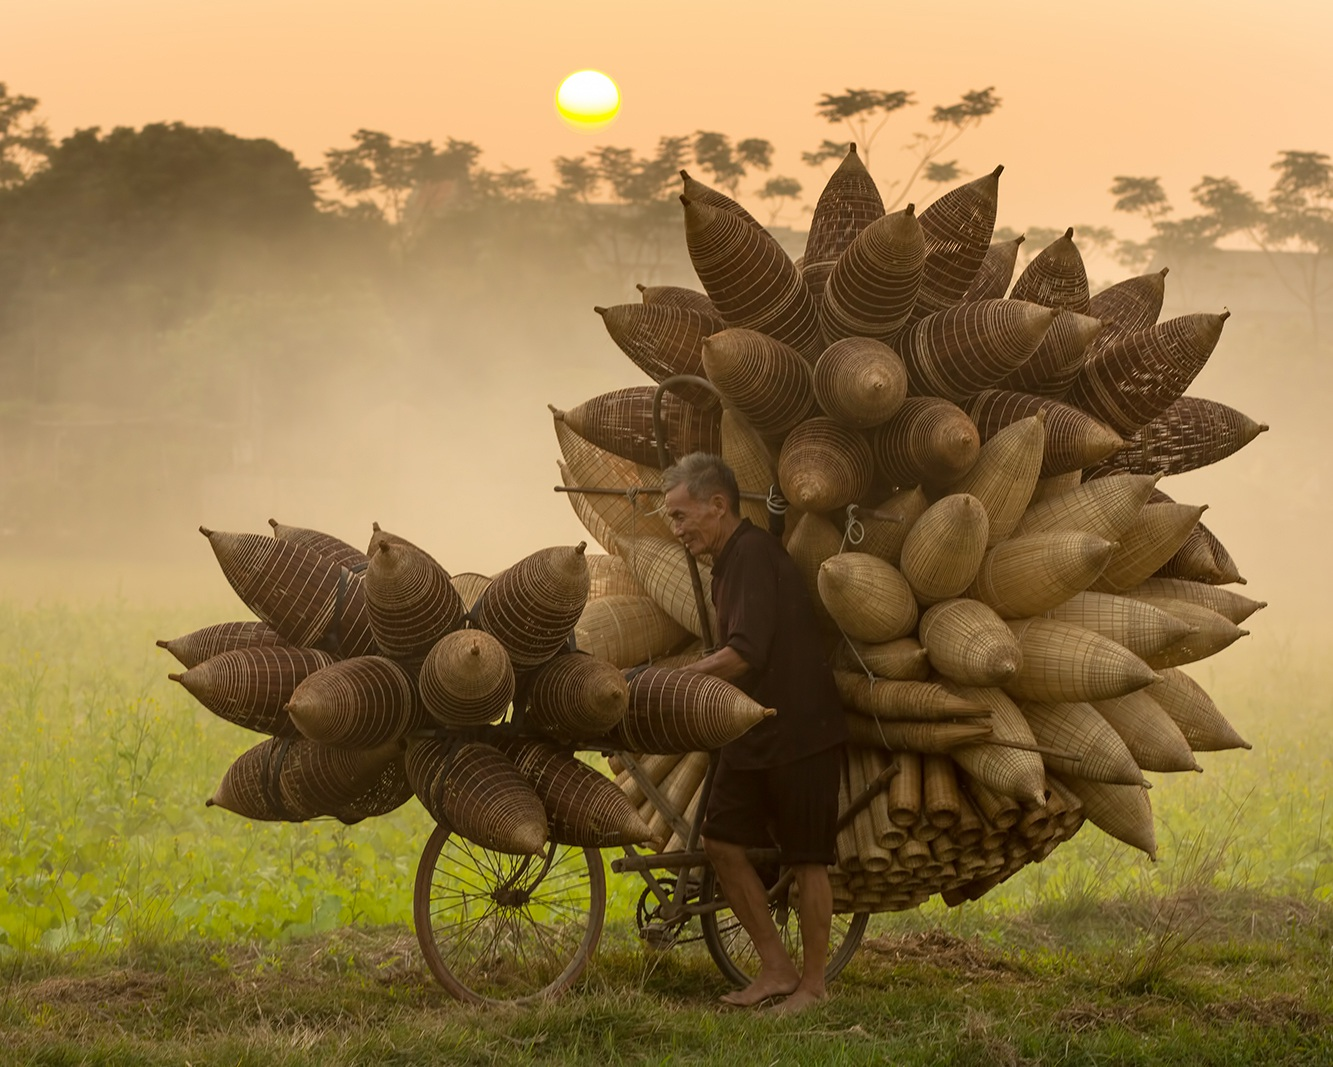 Nhiếp ảnh gia Trần Tuấn Việt: Người mang sứ mệnh đưa hình ảnh Việt Nam đến với thế giới - 13